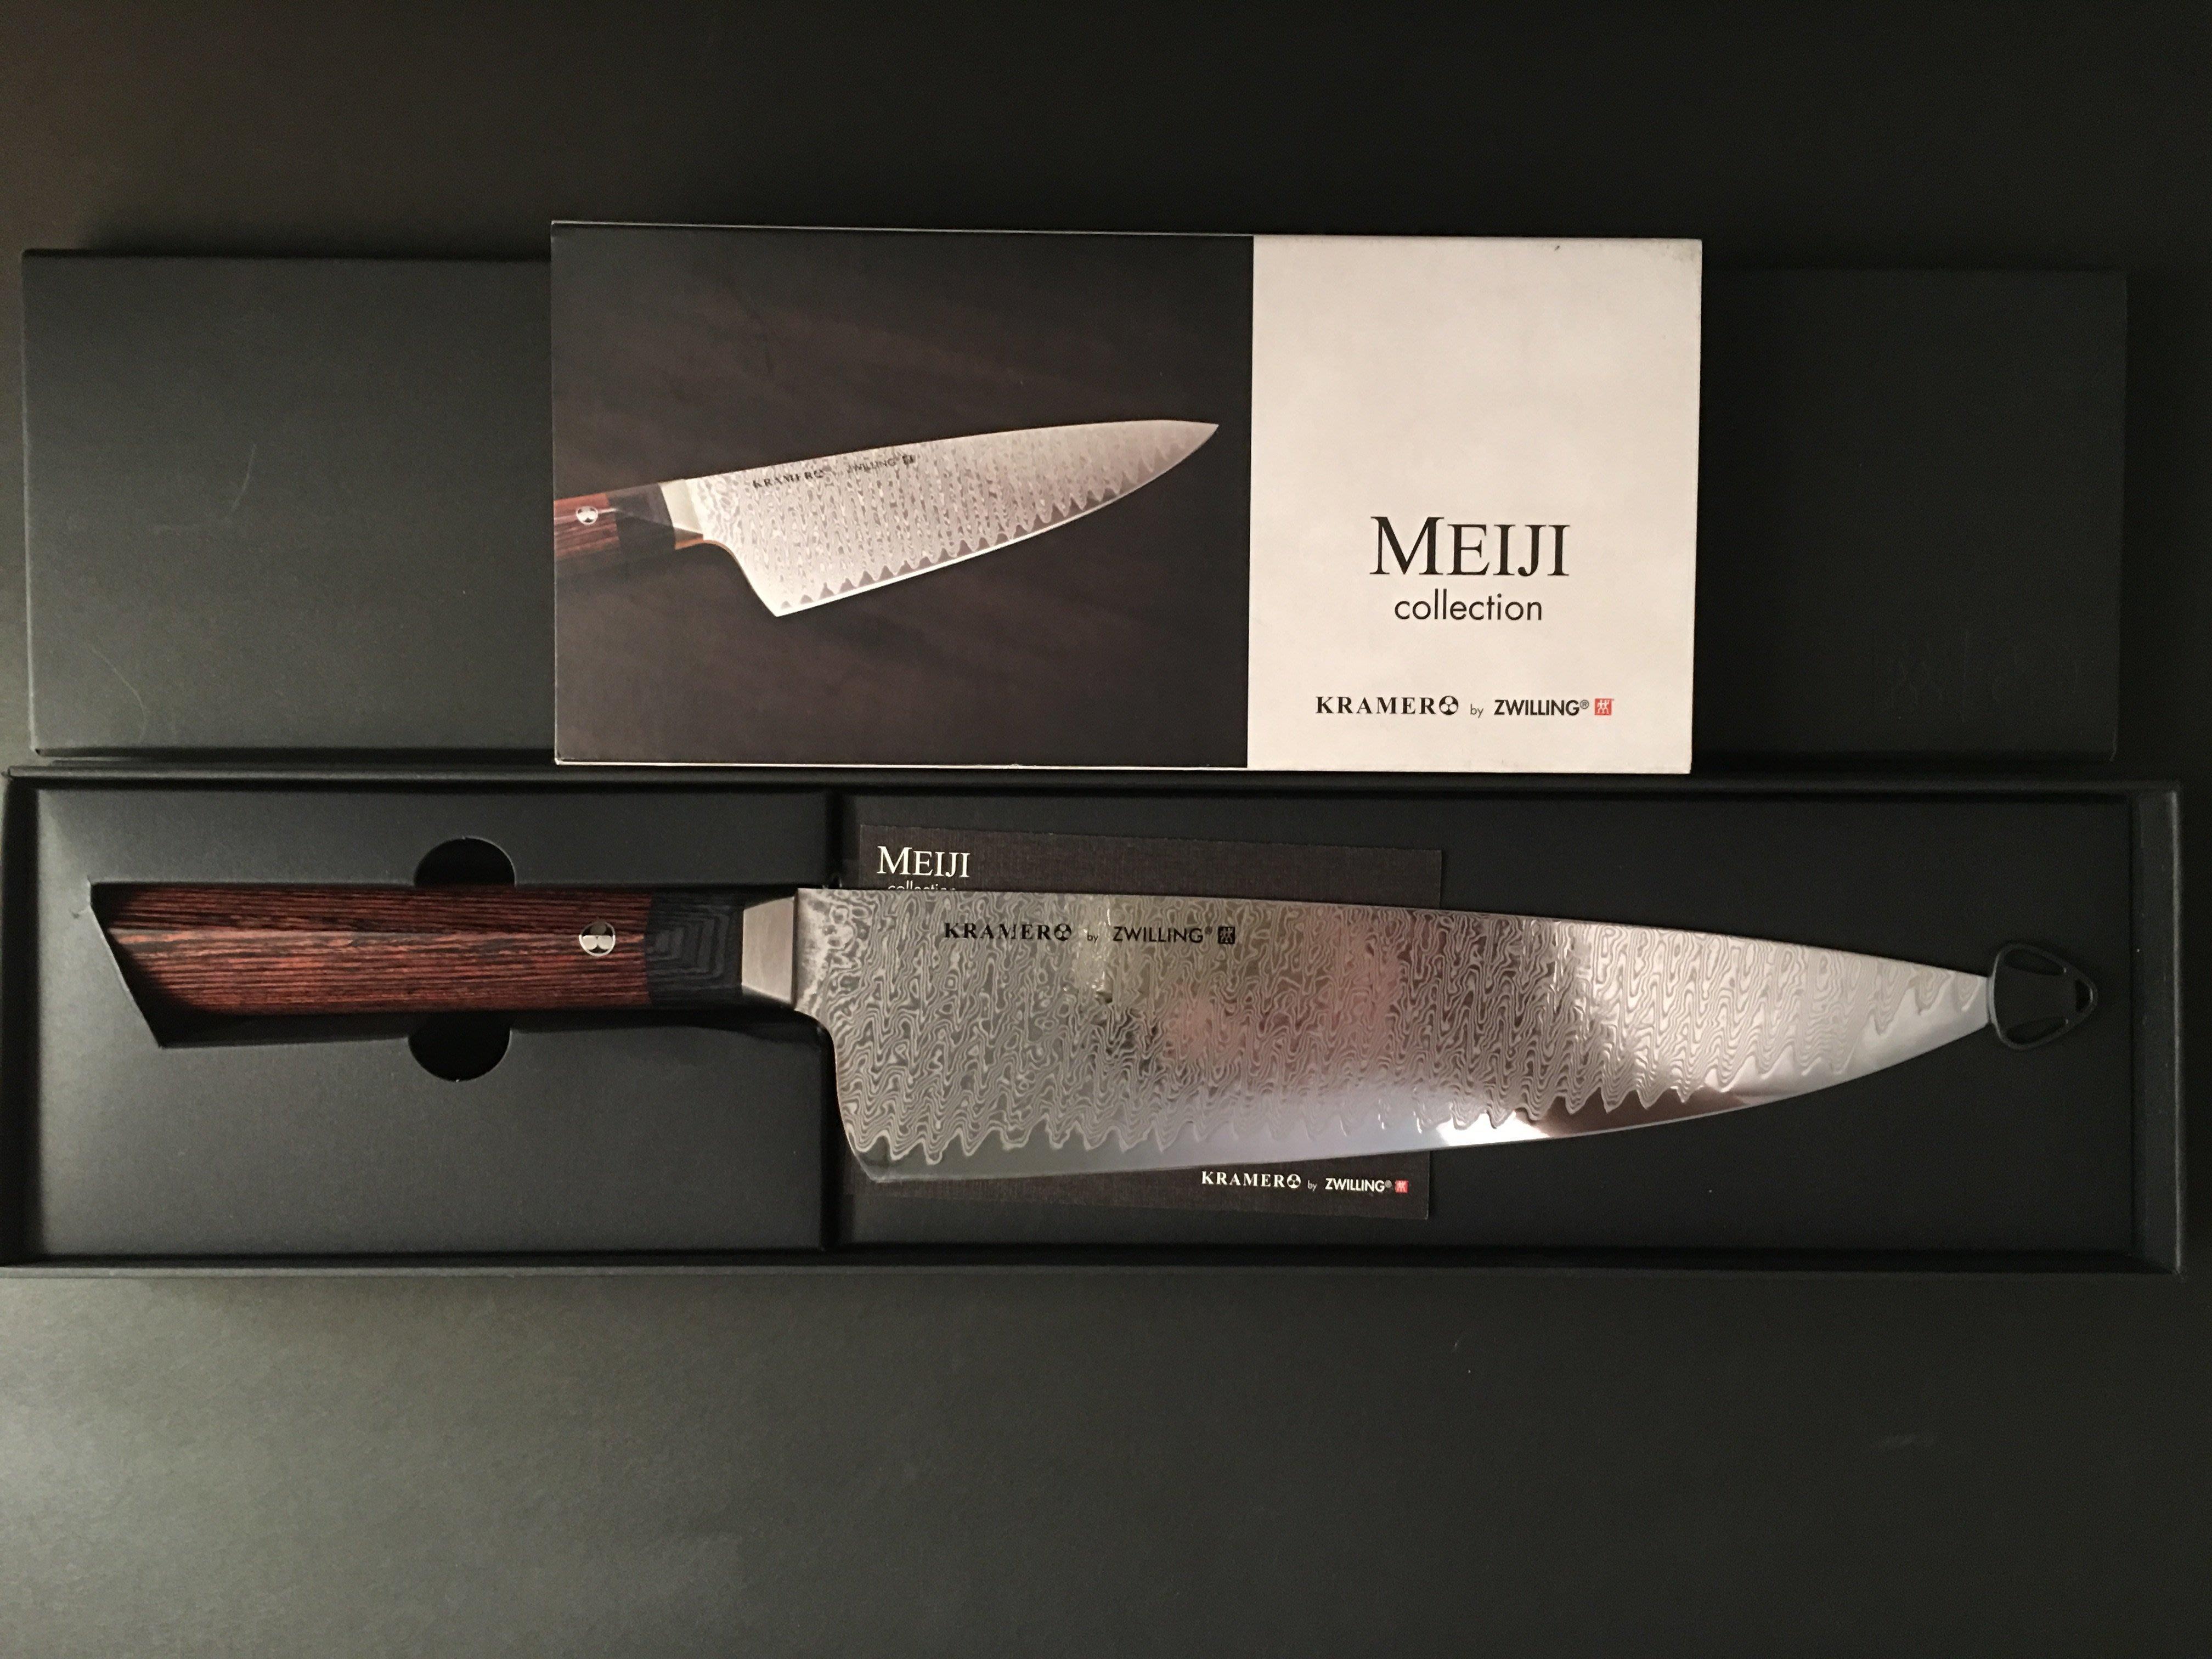 現貨特價!! 德國雙人牌ZWILLING BOB KRAMER MEIJI Damascus 26cm 頂級主廚刀